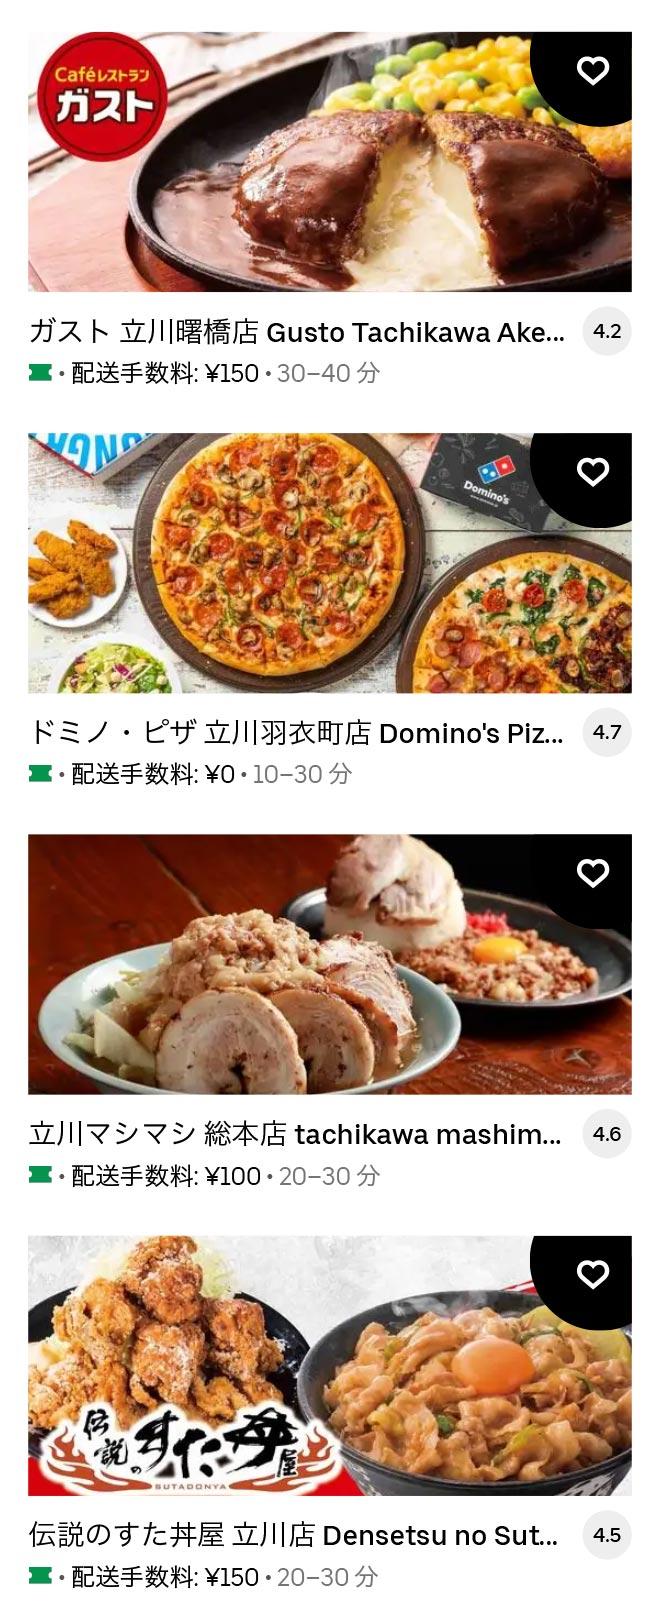 U tachikawa 2106 02